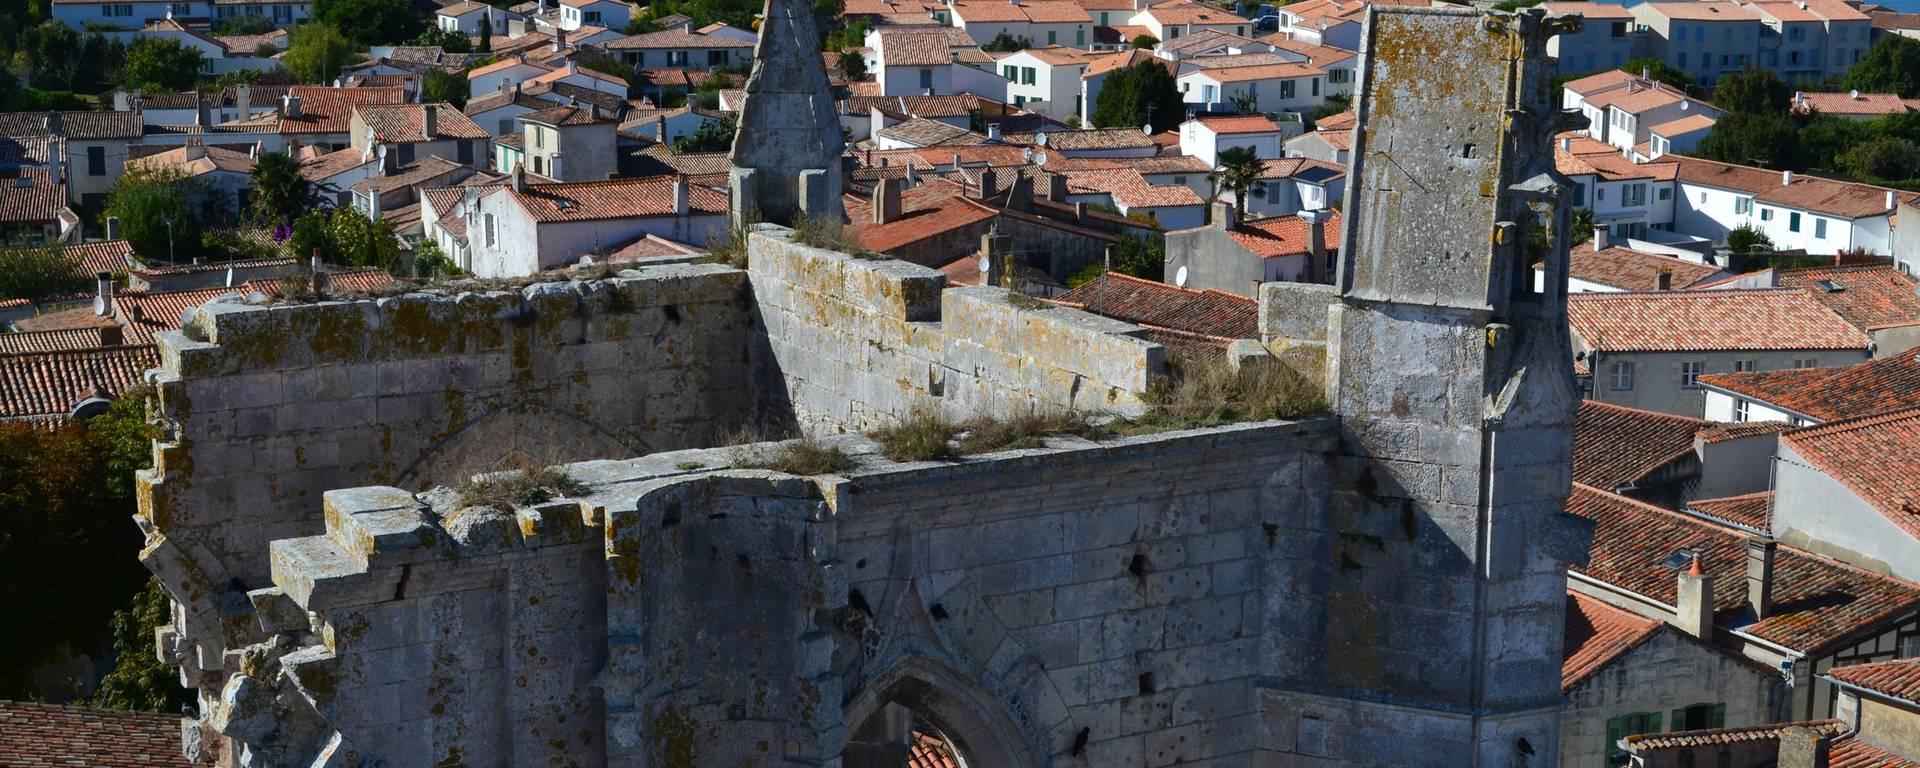 Vue du Clocher de Saint-Martin-de-Ré @Destination Ile de Ré